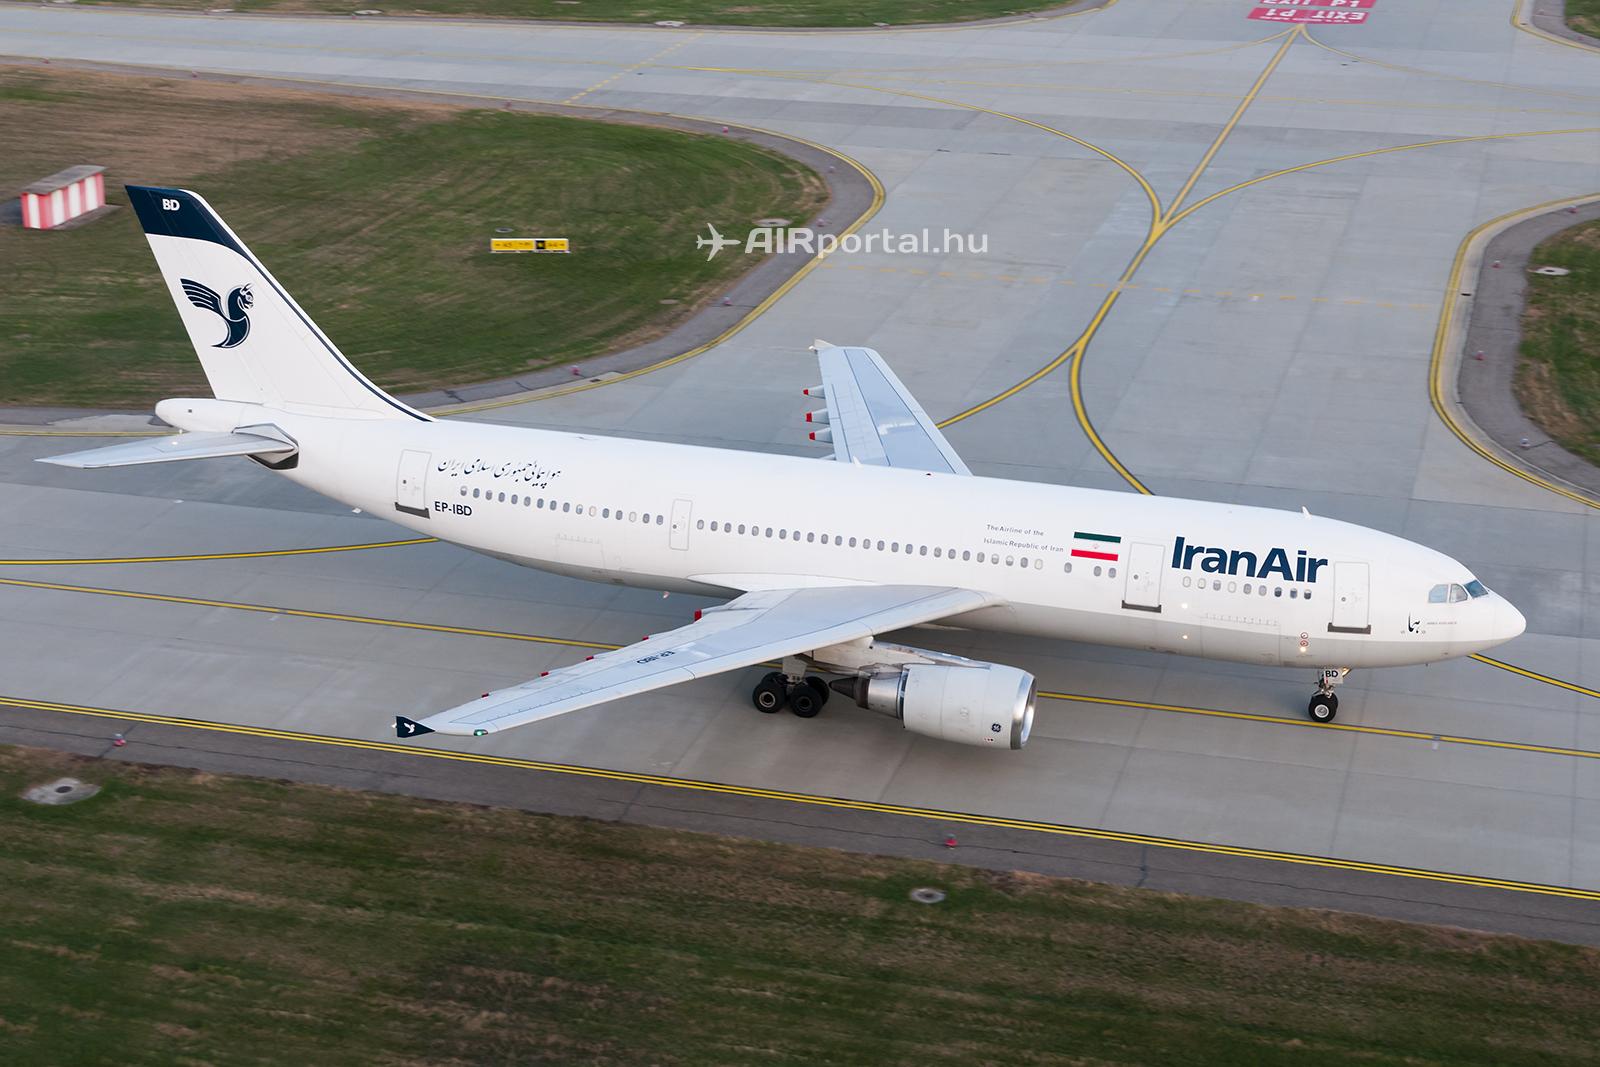 Az Iran Air Airbus A300-605R repülőgépe a Liszt Ferenc repülőtéren. (Fotó: AIRportal.hu) | © AIRportal.hu